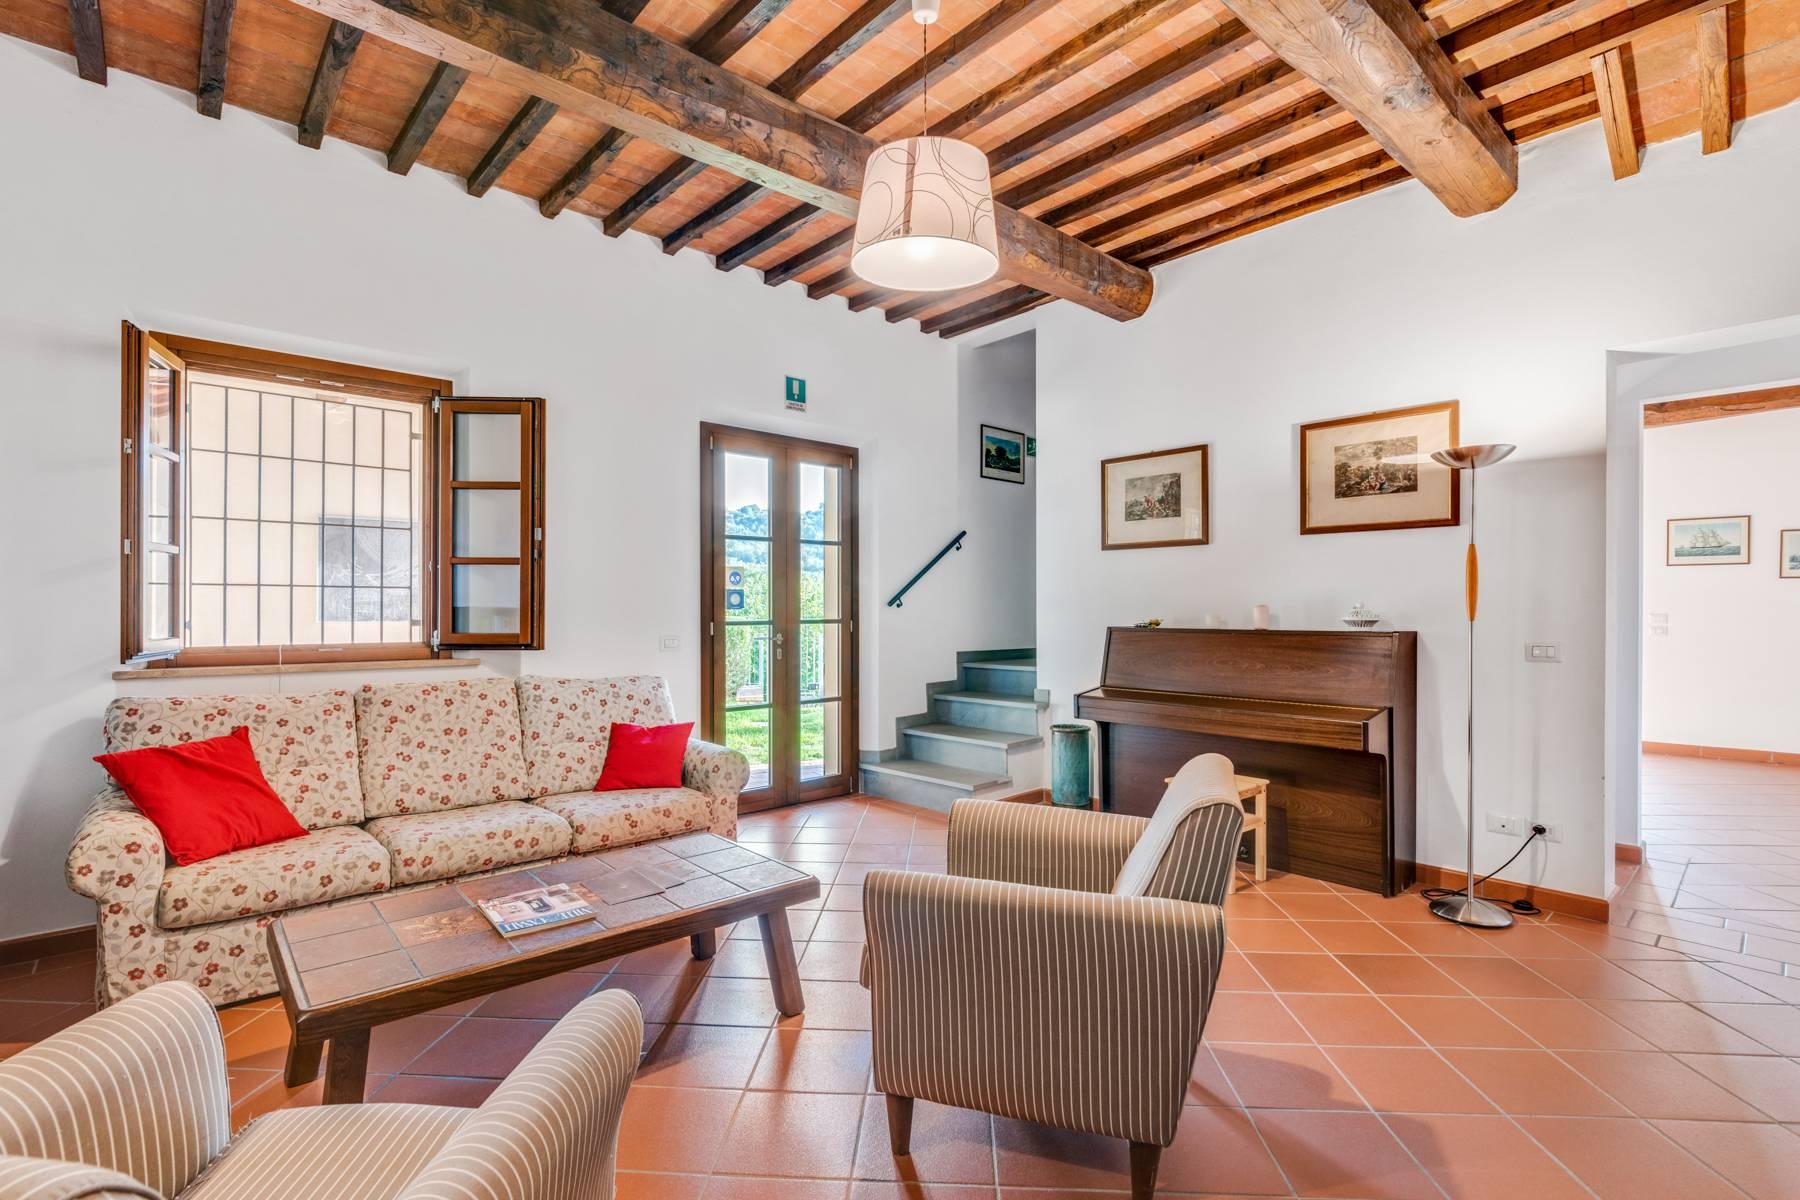 Rustico in Vendita a Monsummano Terme: 5 locali, 380 mq - Foto 6